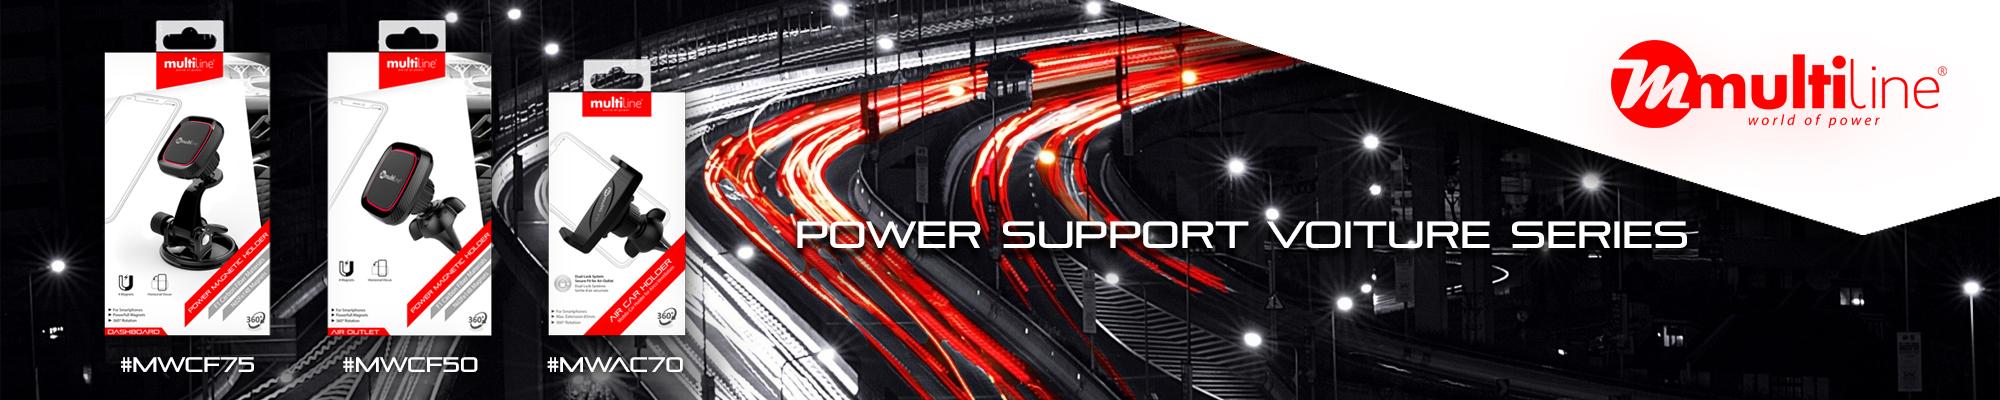 Nouvelles accessoires disponibles pour Multiline. Power Support Voiture Series